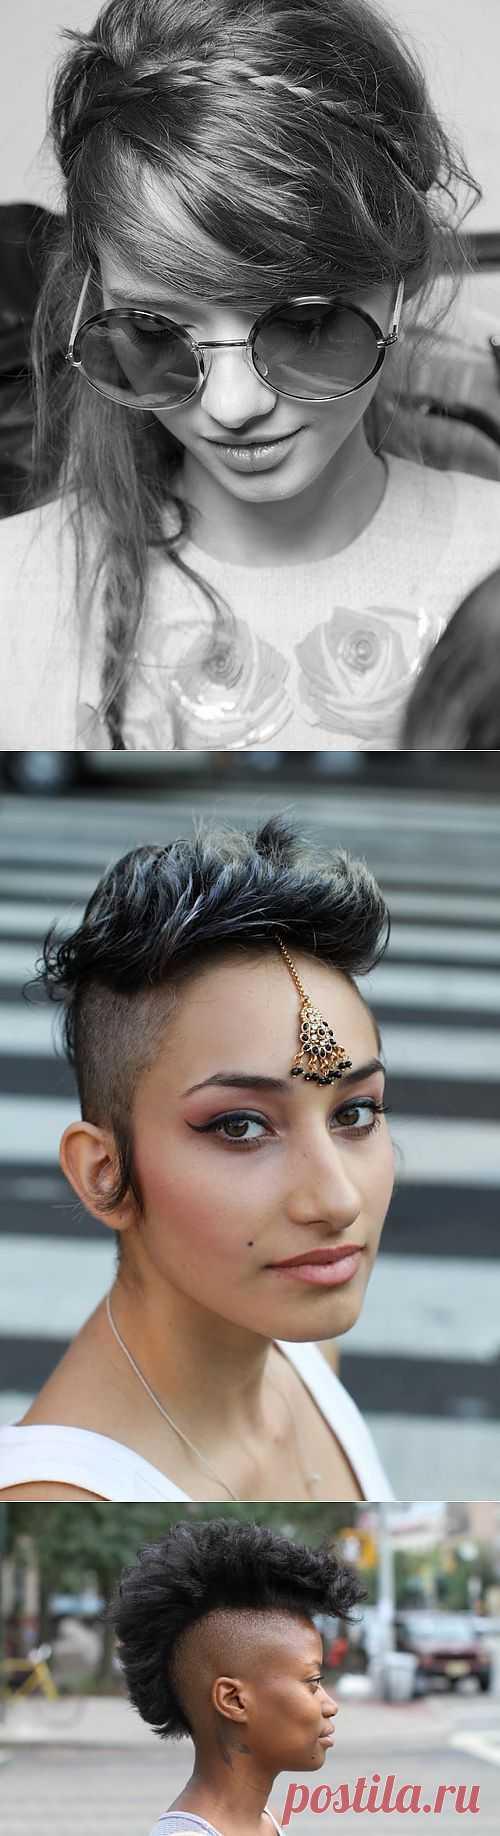 Интересные косы и креативные стрижки / Прически / Модный сайт о стильной переделке одежды и интерьера